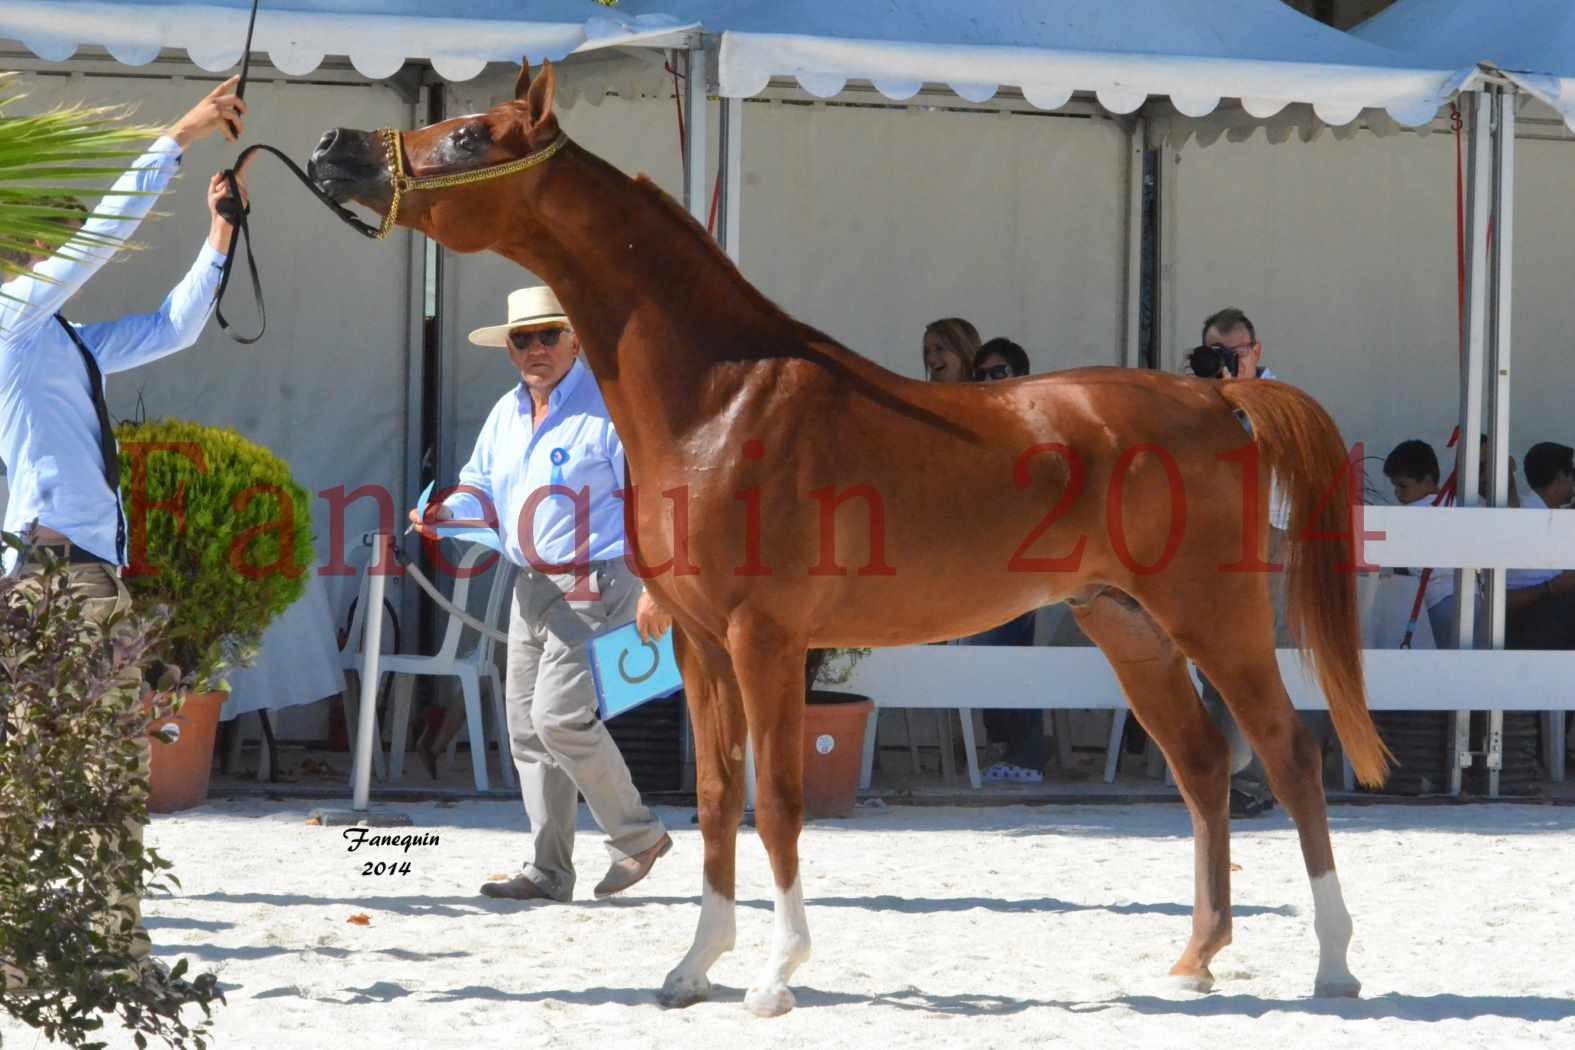 Concours National de Nîmes de chevaux ARABES 2014 - Notre Sélection - DZHARI NUNKI - 14